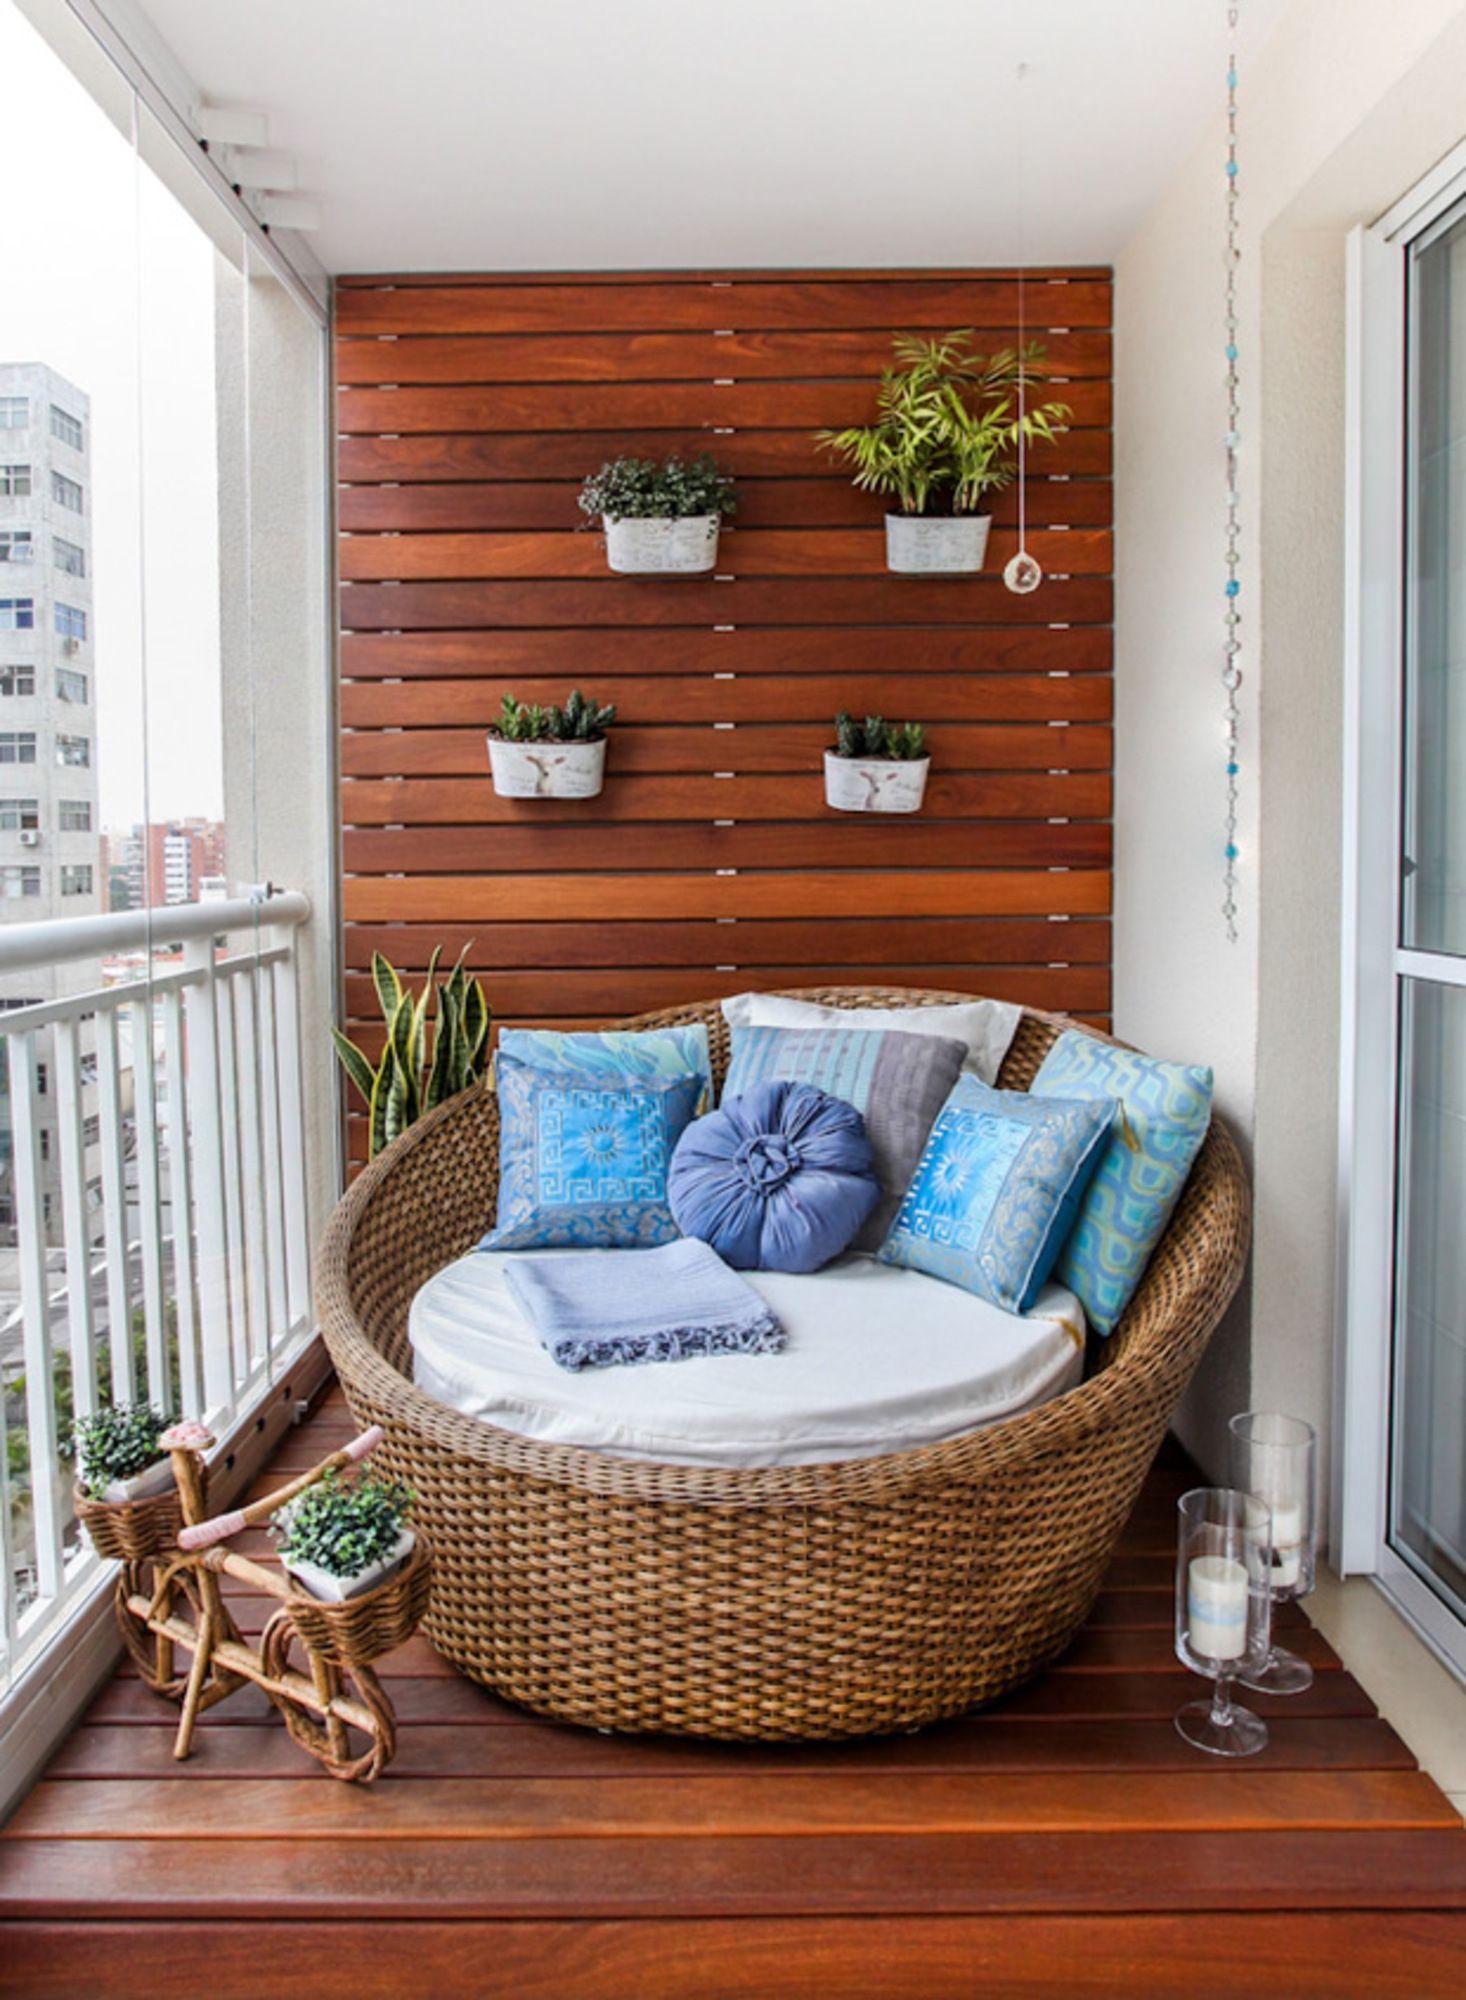 Самые красивые маленькие балконы / surfingbird знает всё, чт.